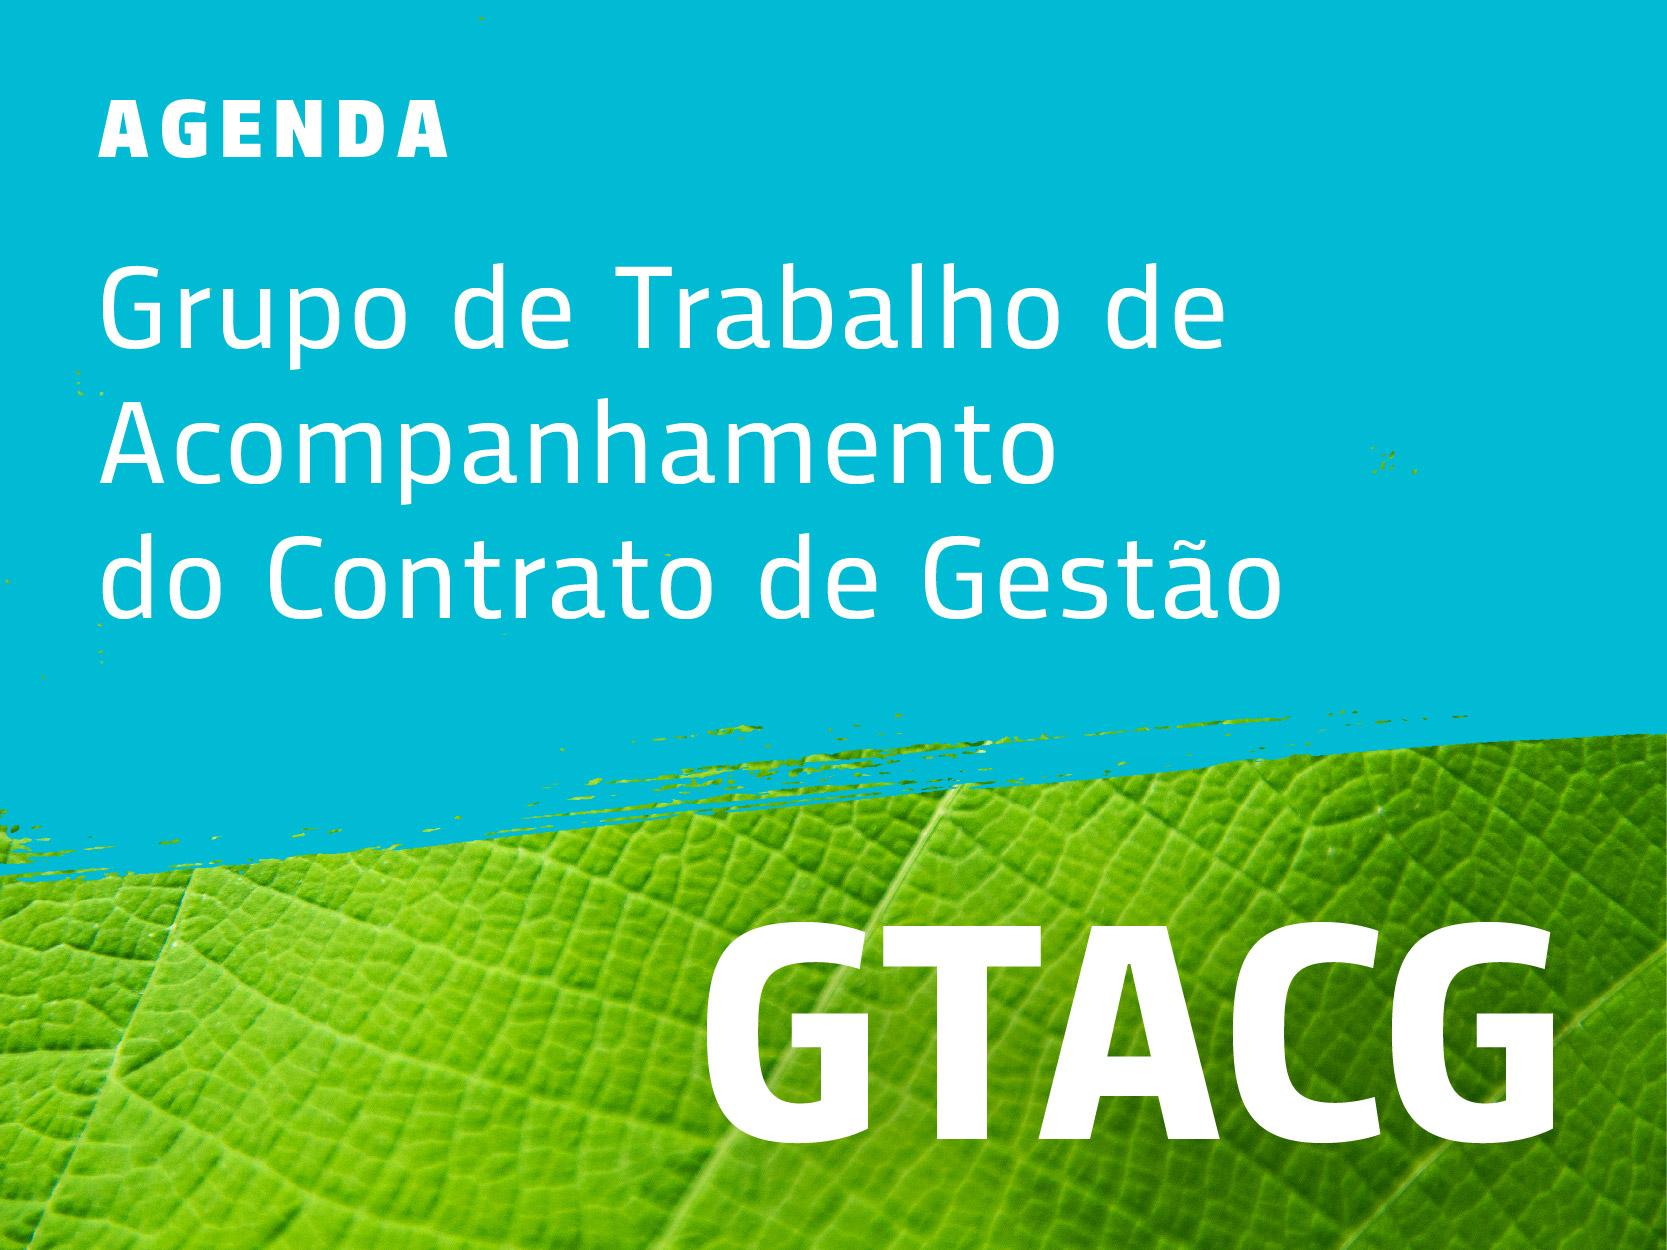 2ª Reunião de 2021 do Grupo de Acompanhamento do Contrato de Gestão